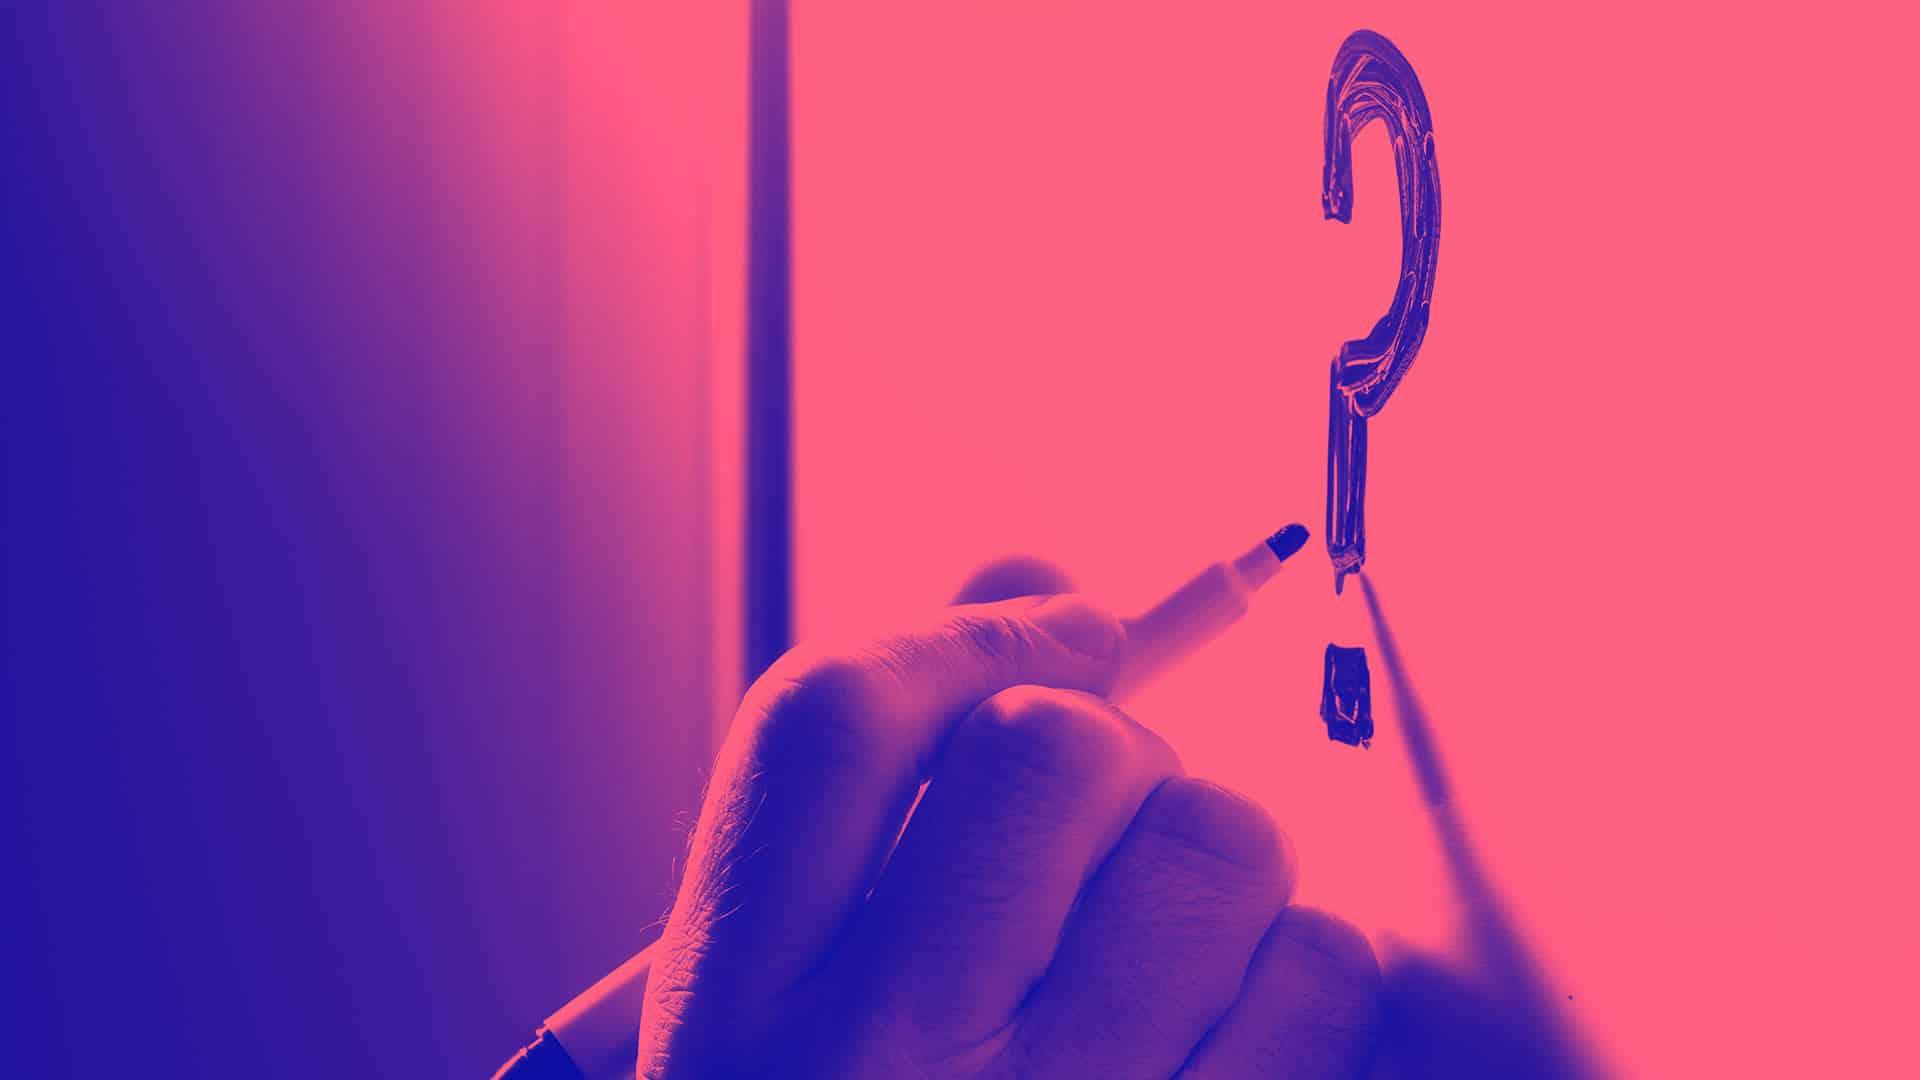 Significado SAP: ¿qué se esconde detrás de las siglas SAP?